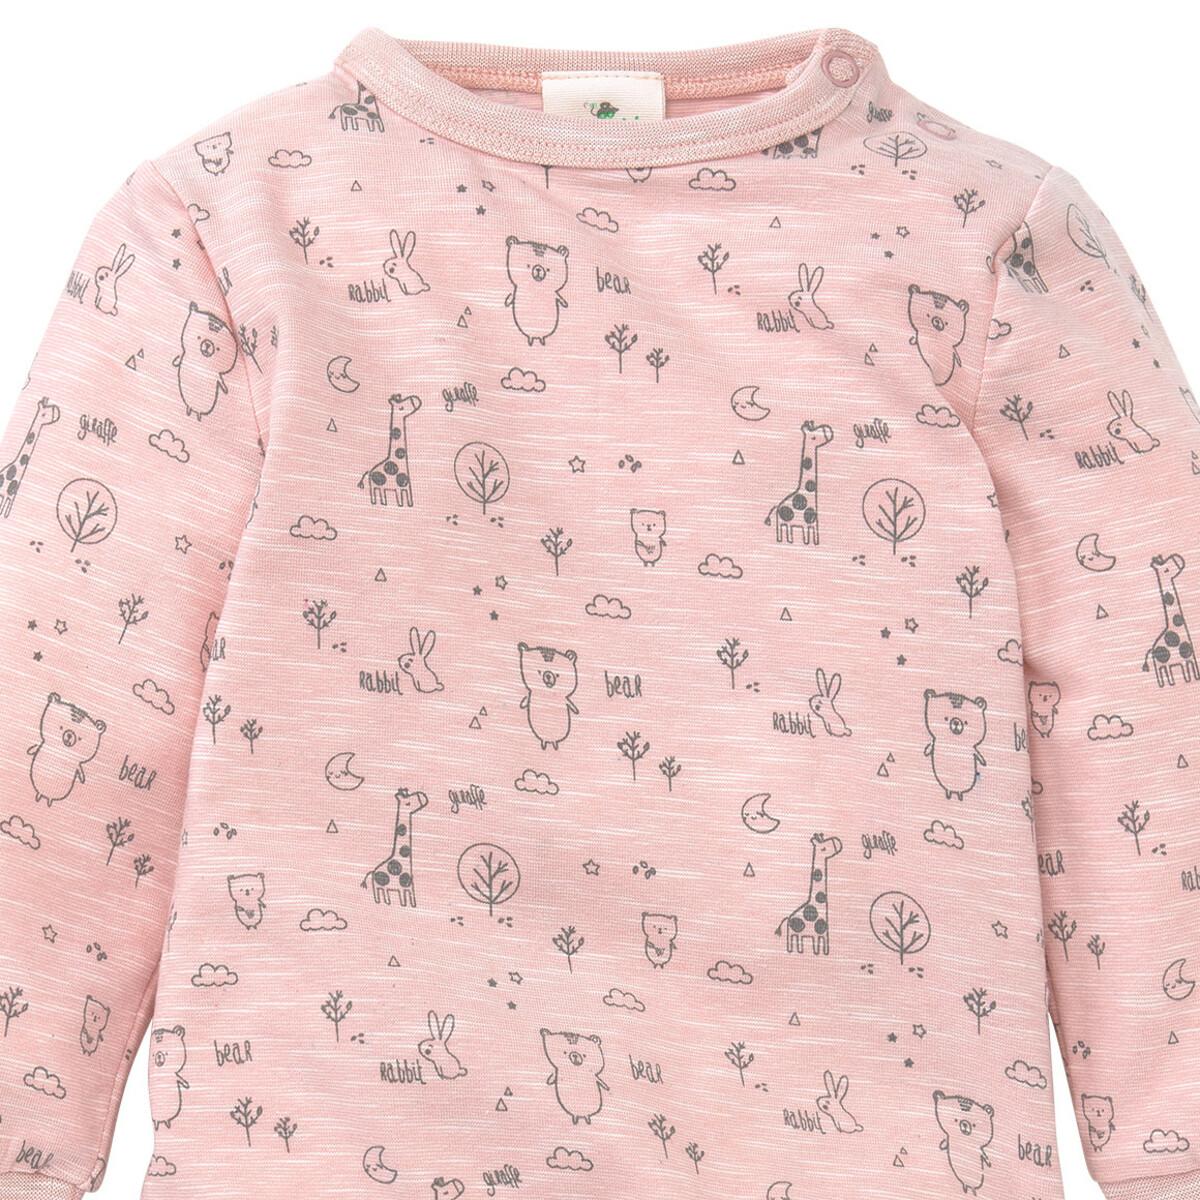 Bild 2 von Newborn Schlafanzug mit Tier-Motiven